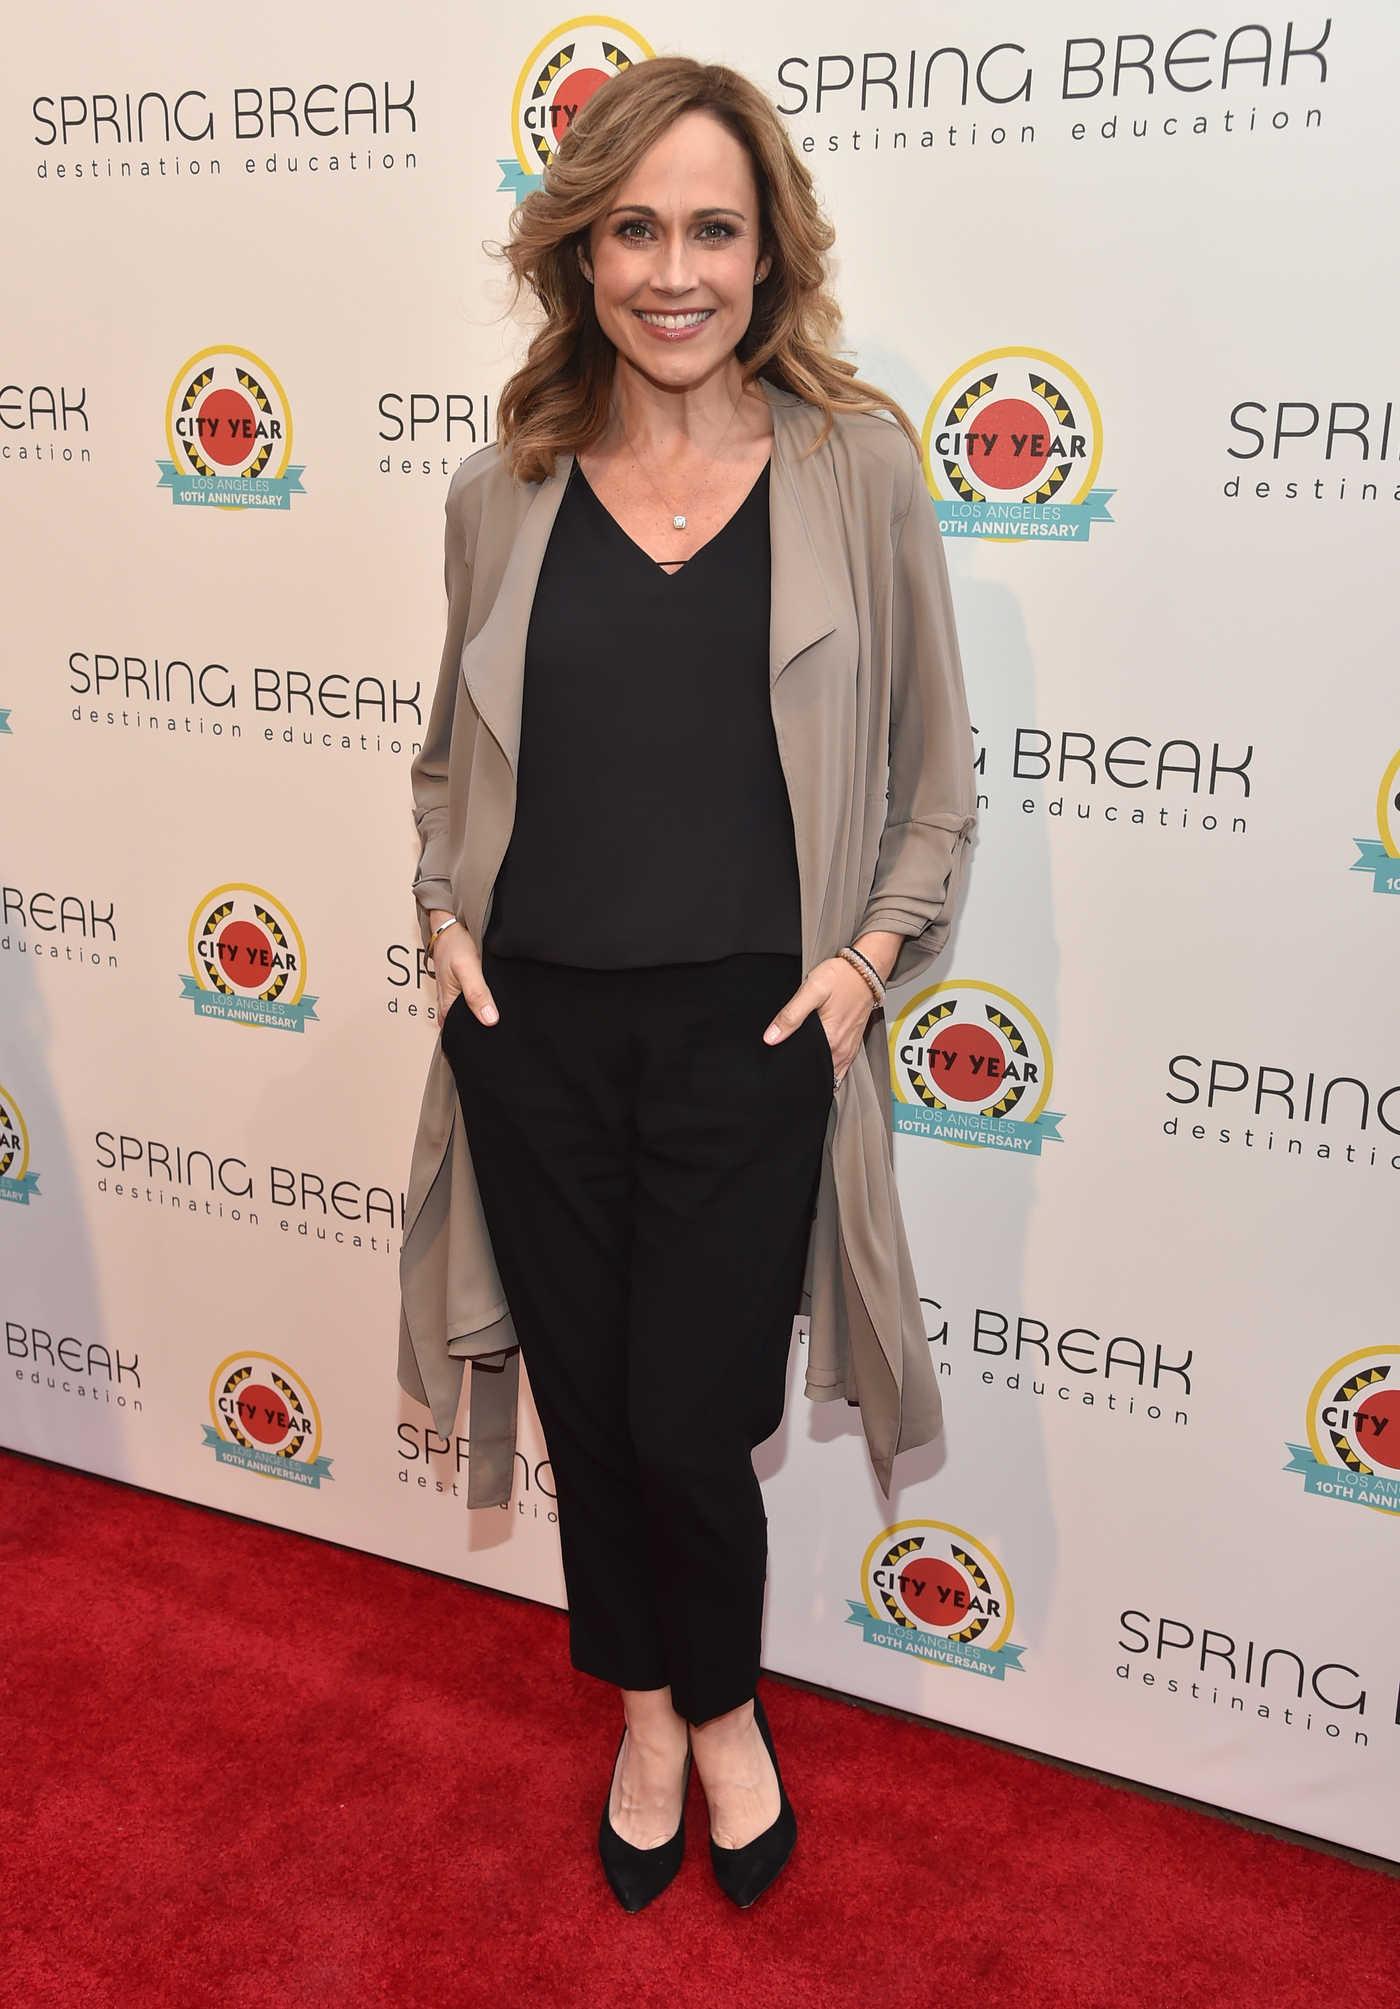 Nikki DeLoach at City Year Los Angeles Spring Break in LA 05/06/2017